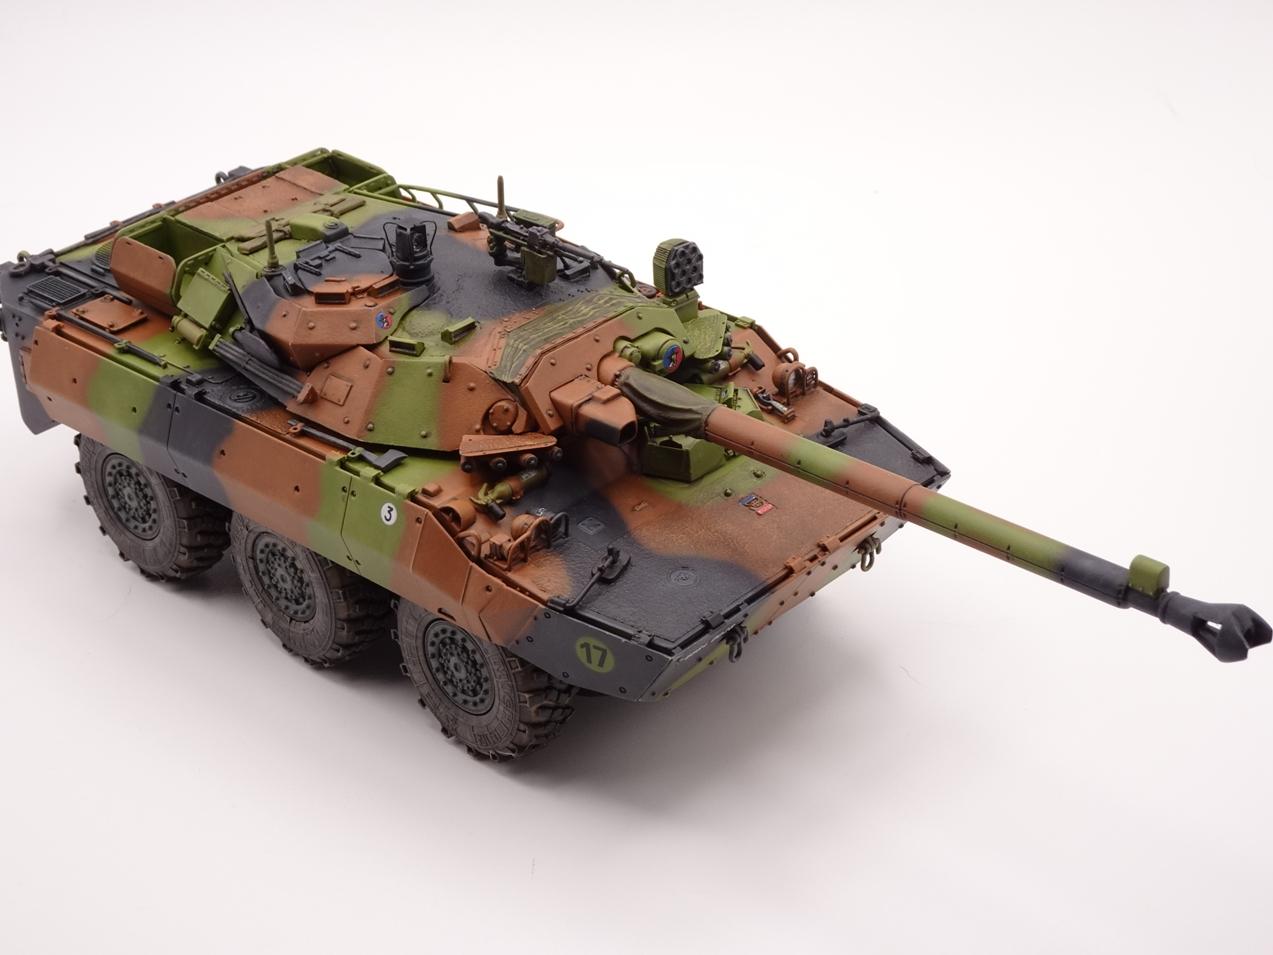 [Tiger Model] AMX-10RCR réf. 4602 - 1/35 - Page 4 Amx10-fin-2